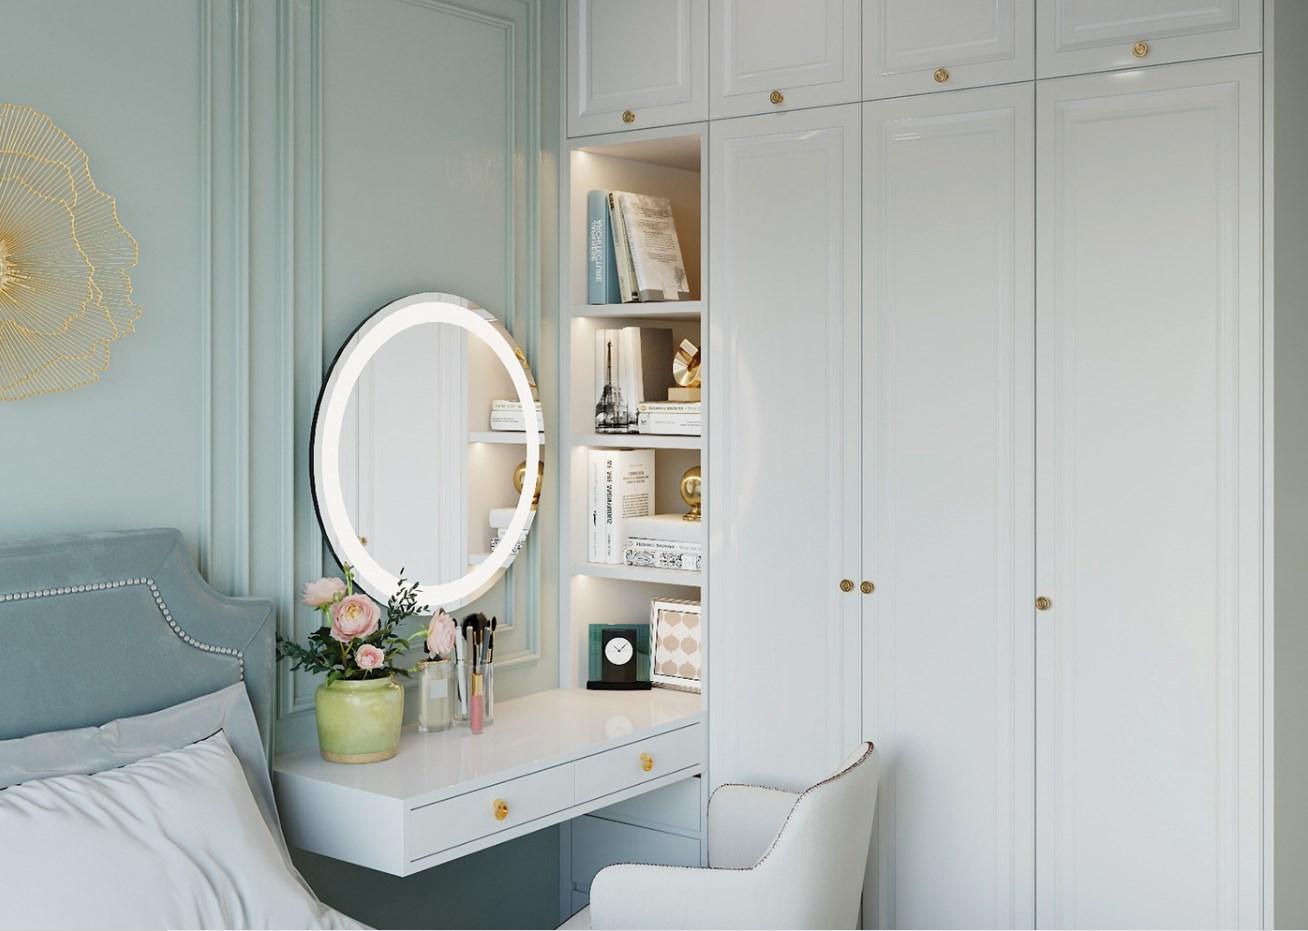 Thiết kế nội thất phòng ngủ chung cư 2021